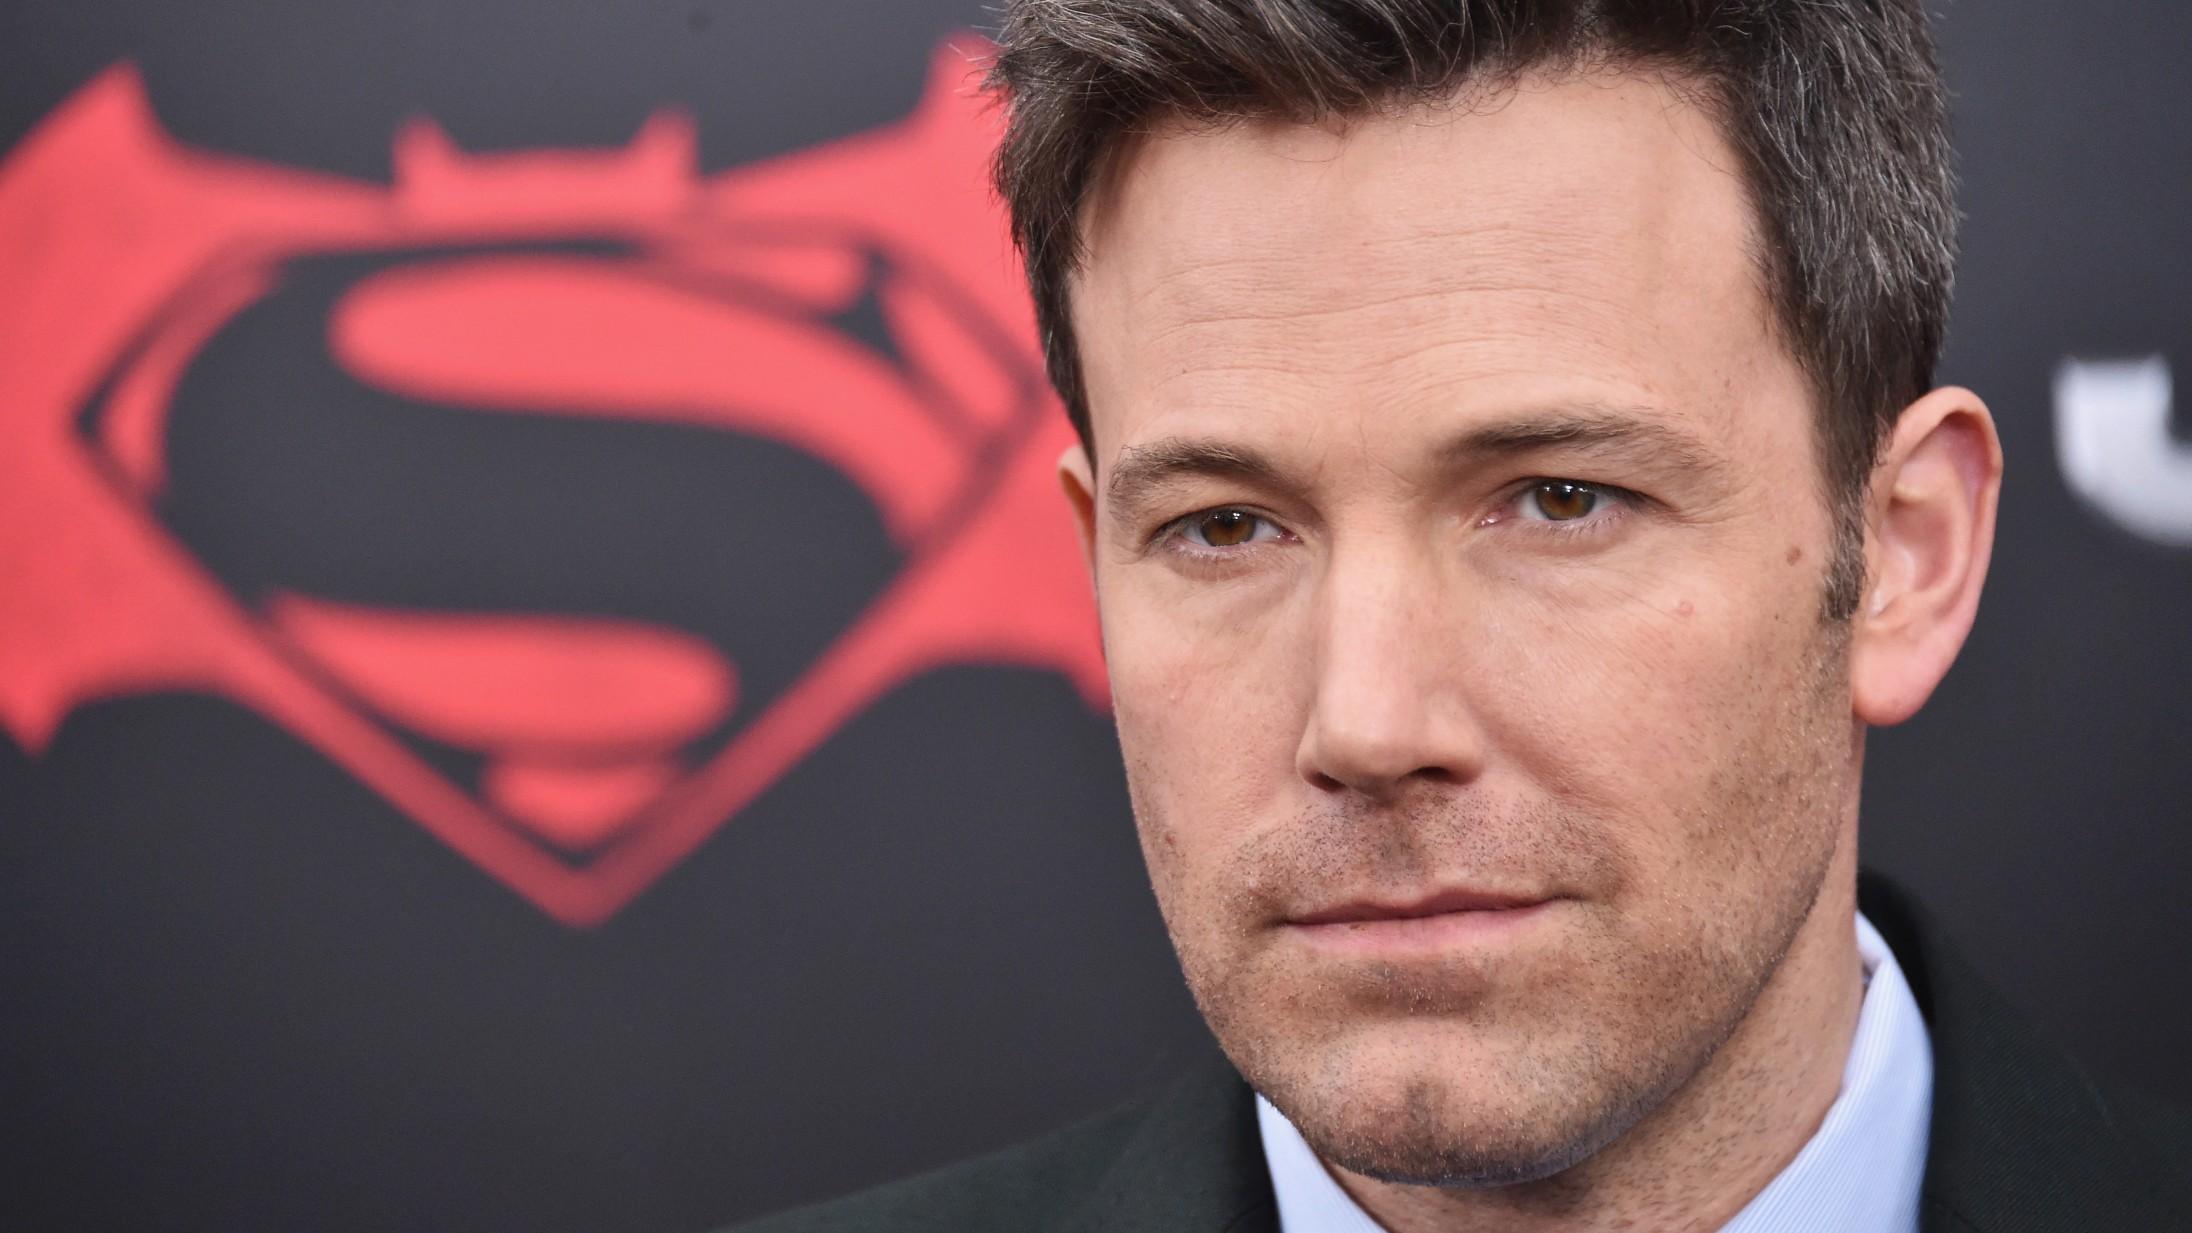 Ben Affleck droppede Batman-film af frygt for at dø af alkoholmisbrug